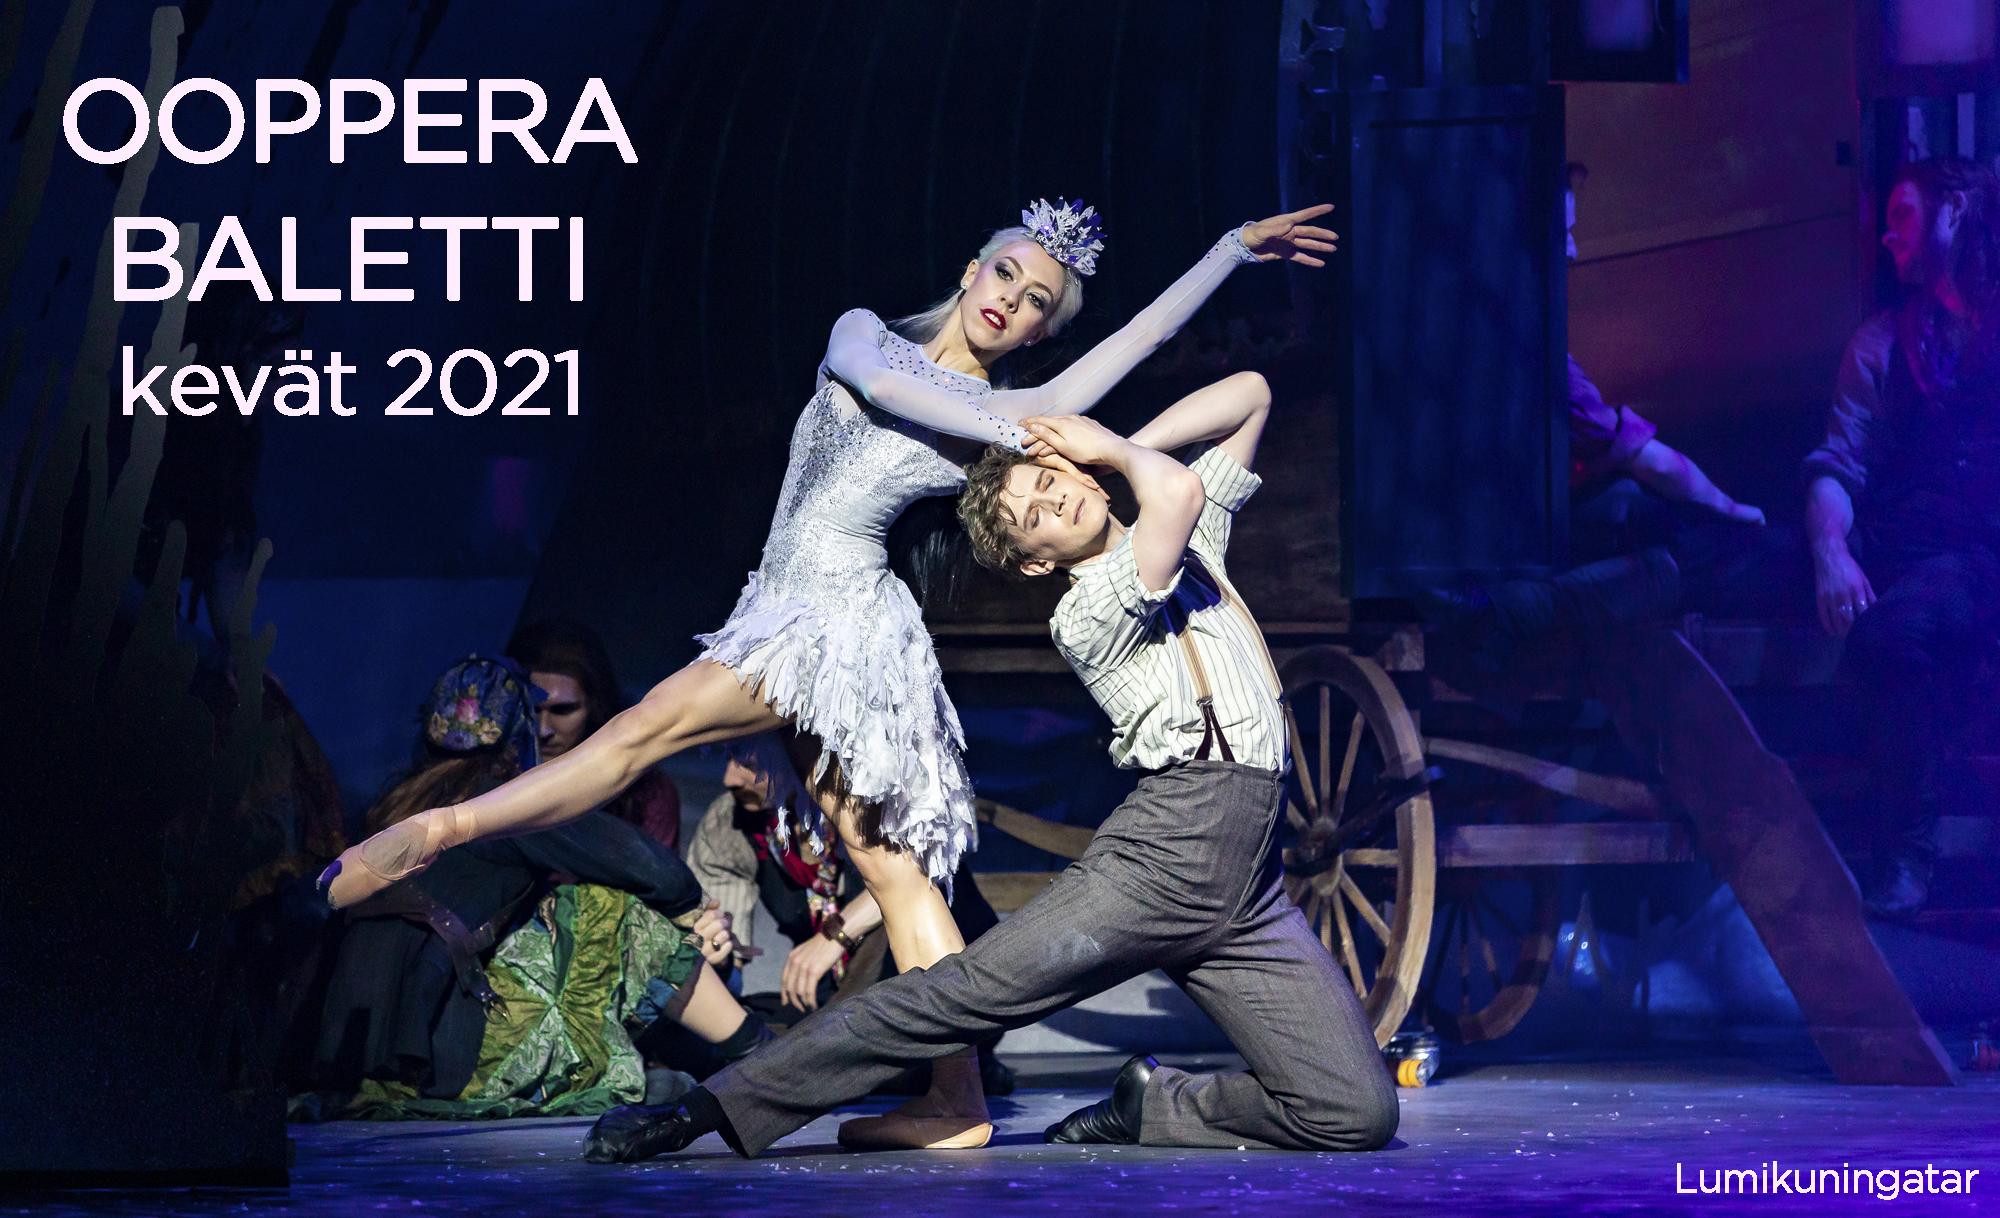 Ooppera - baletti - Savon Kinot - Lumikuningatar